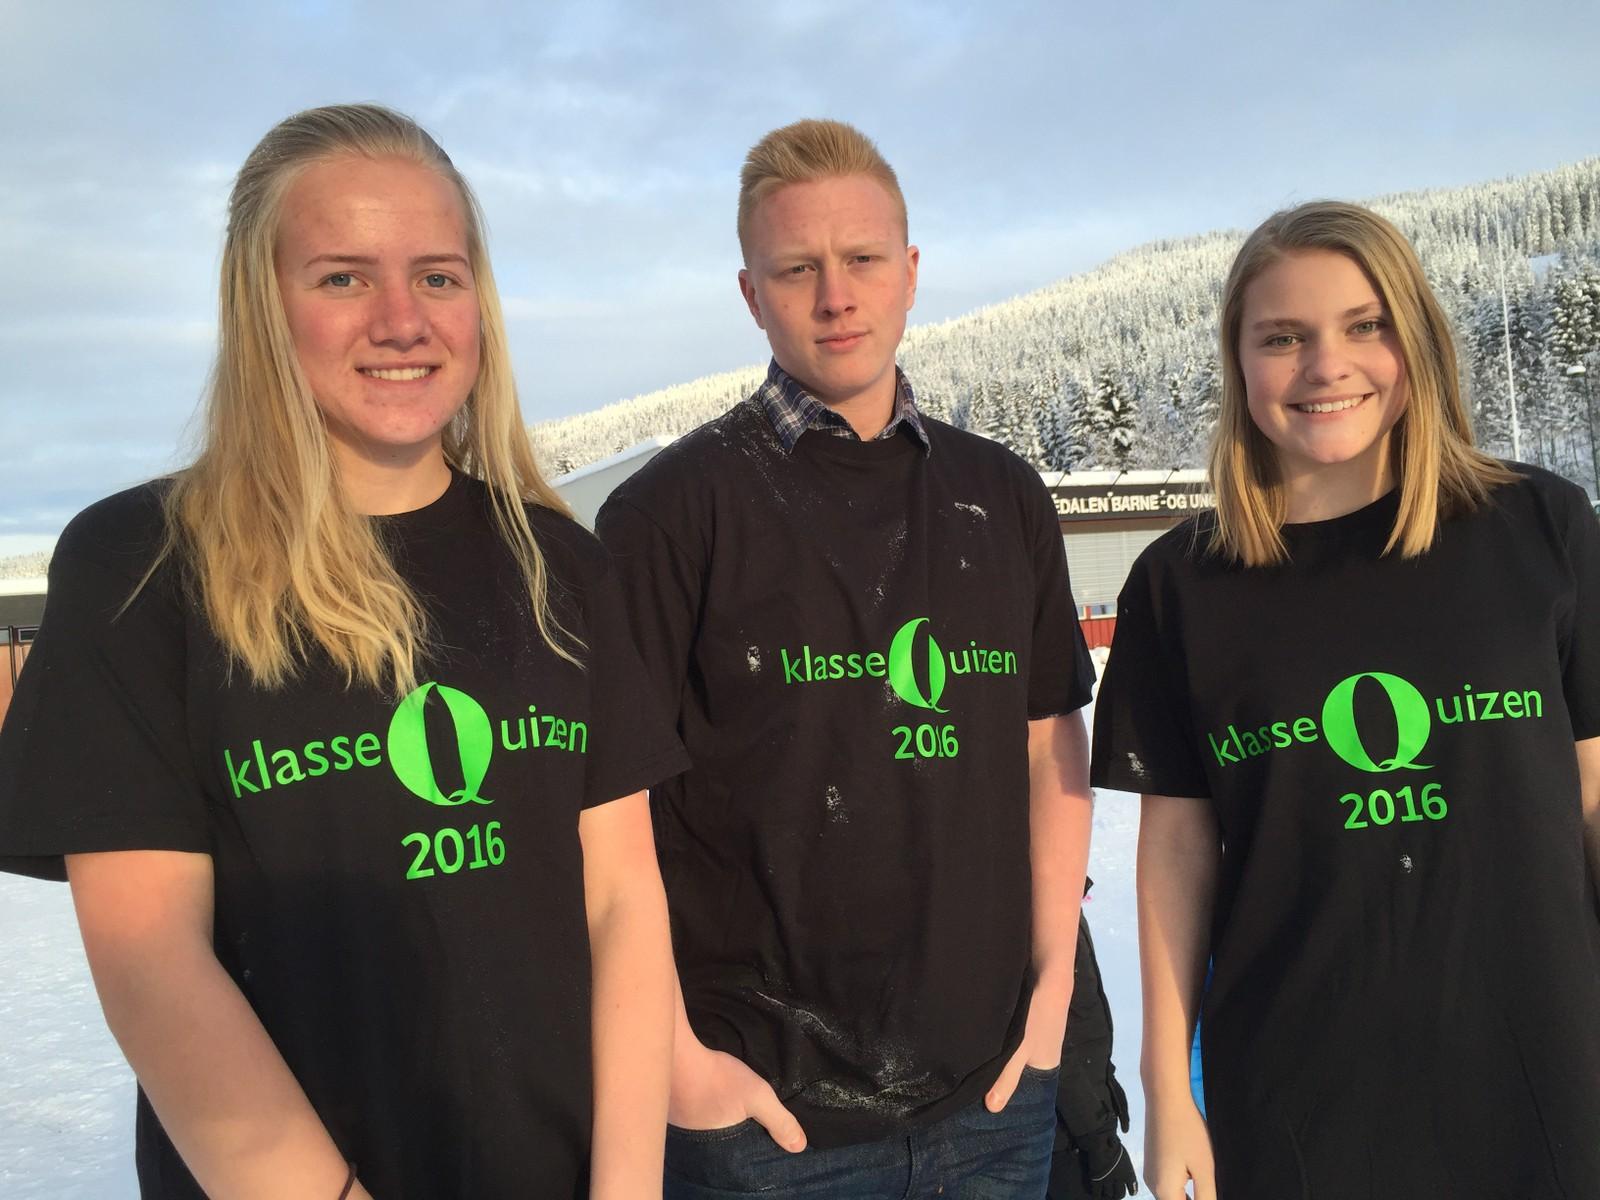 Lina Haugen, Lars Andreas Huset og Rønnaug Øverby fra Hedalen barne- og ungdomsskole fikk 10 poeng i Klassequizen.